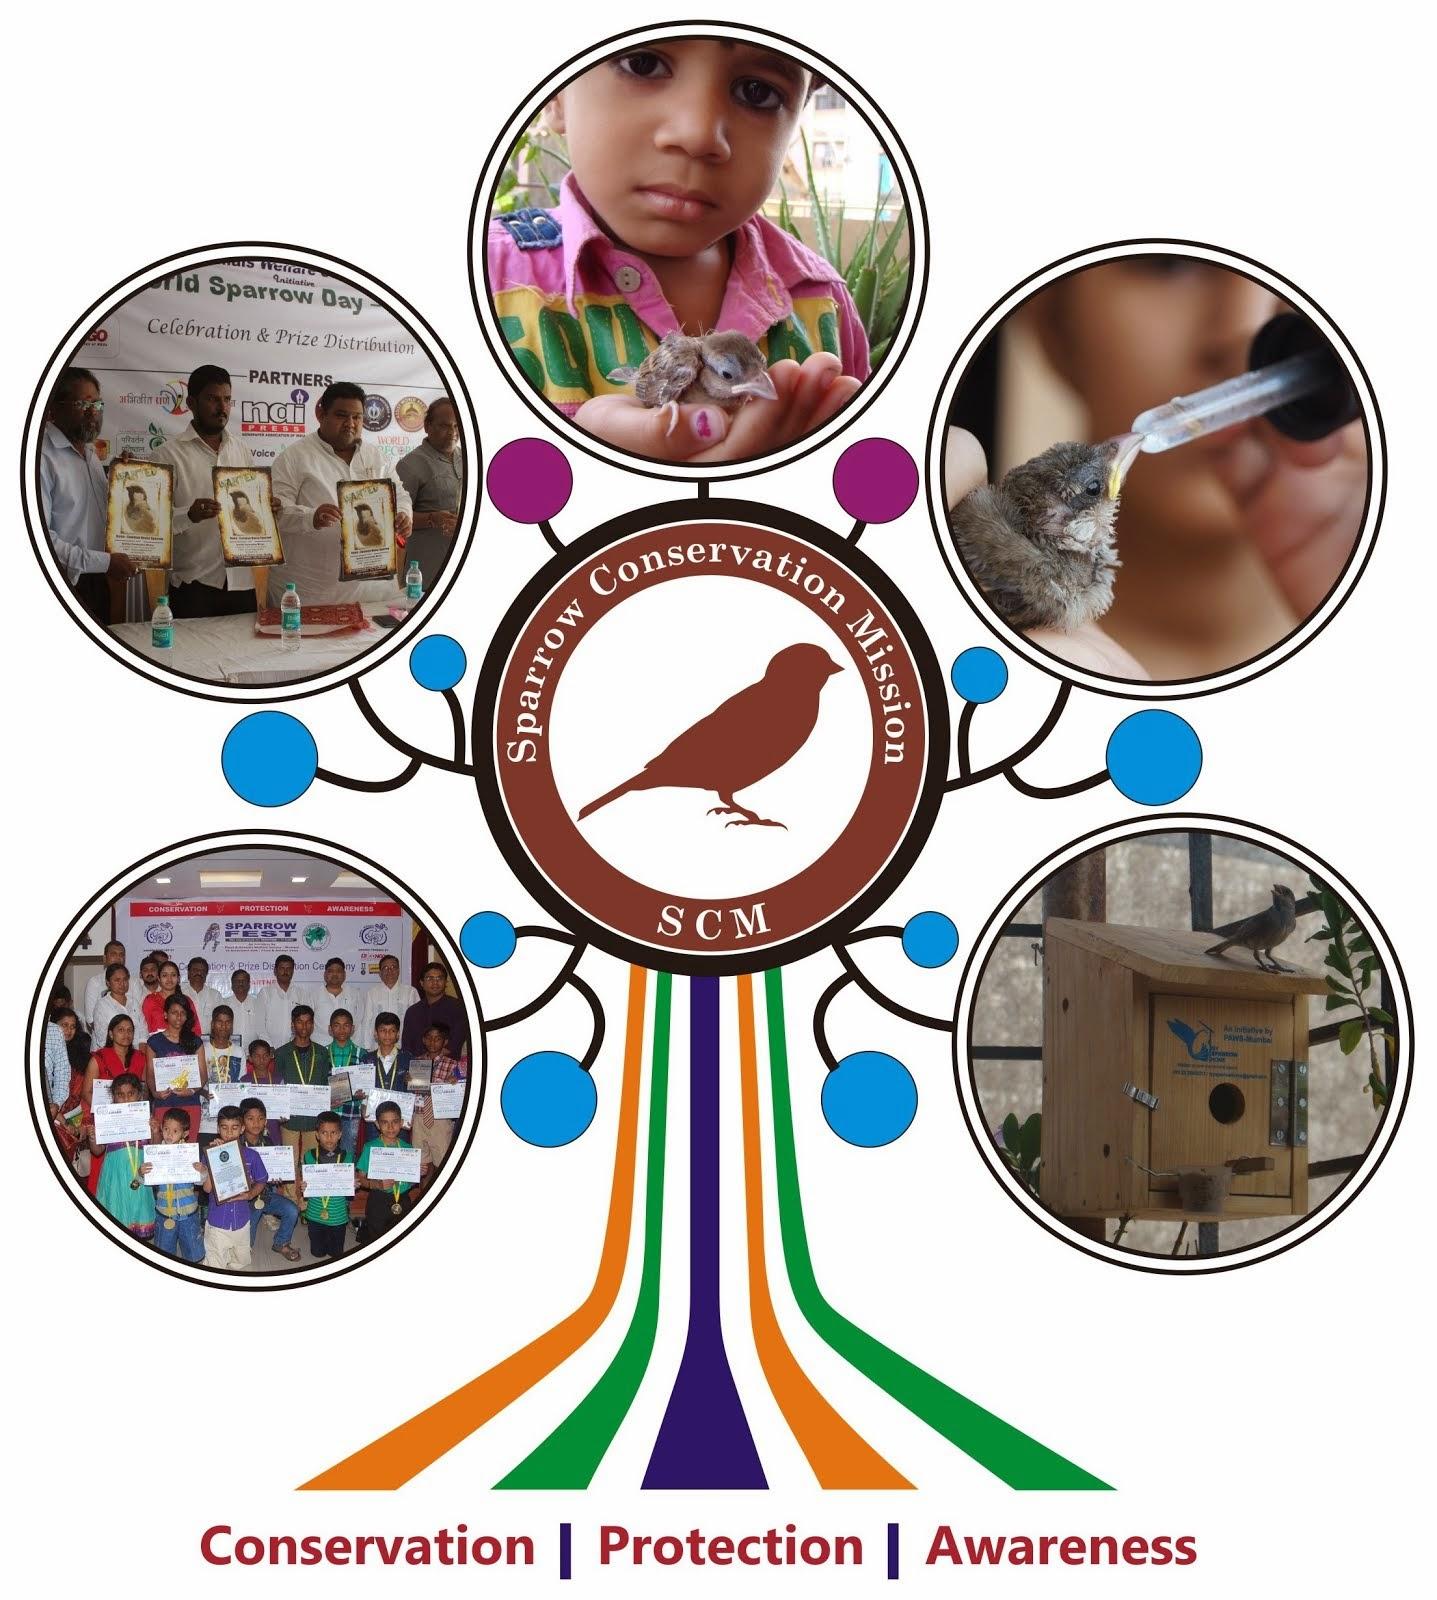 Visit Sparrow Conservation Mission Blog